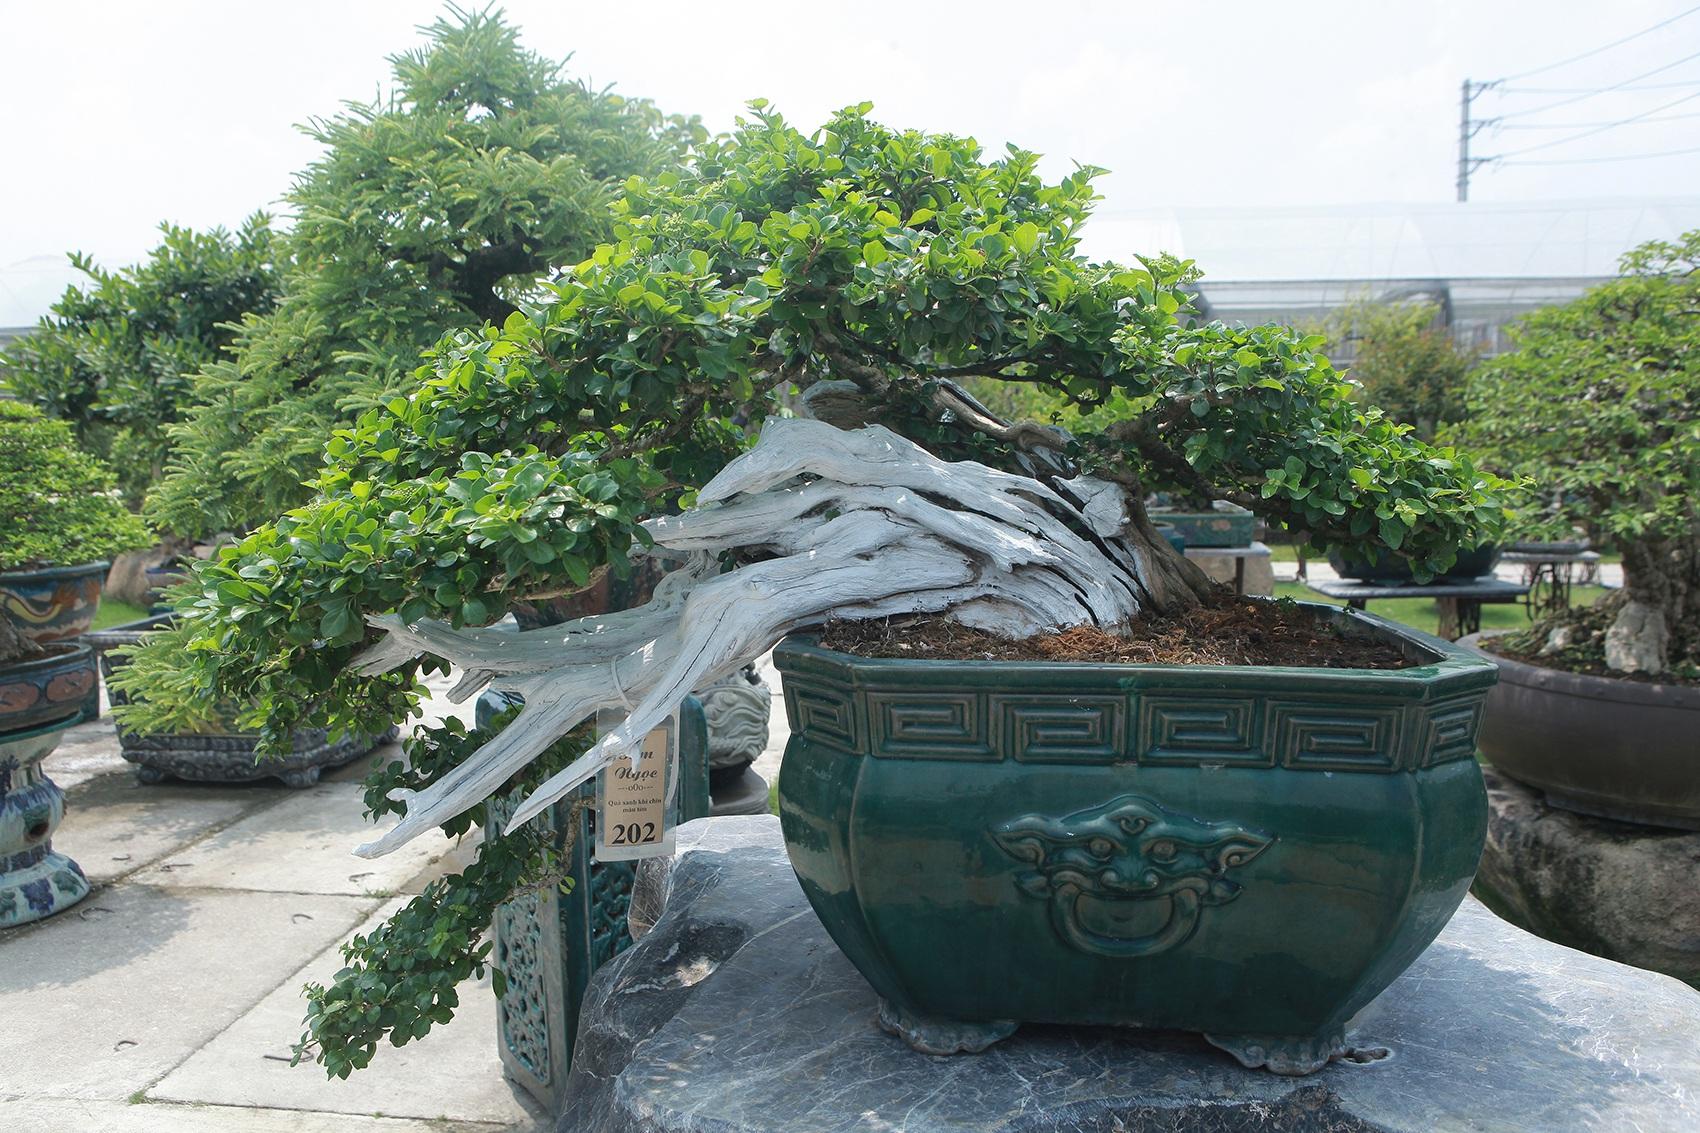 Mục sở thị khu vườn gần 1.000 cây cảnh bonsai hiếm có đất Hà Thành - 11